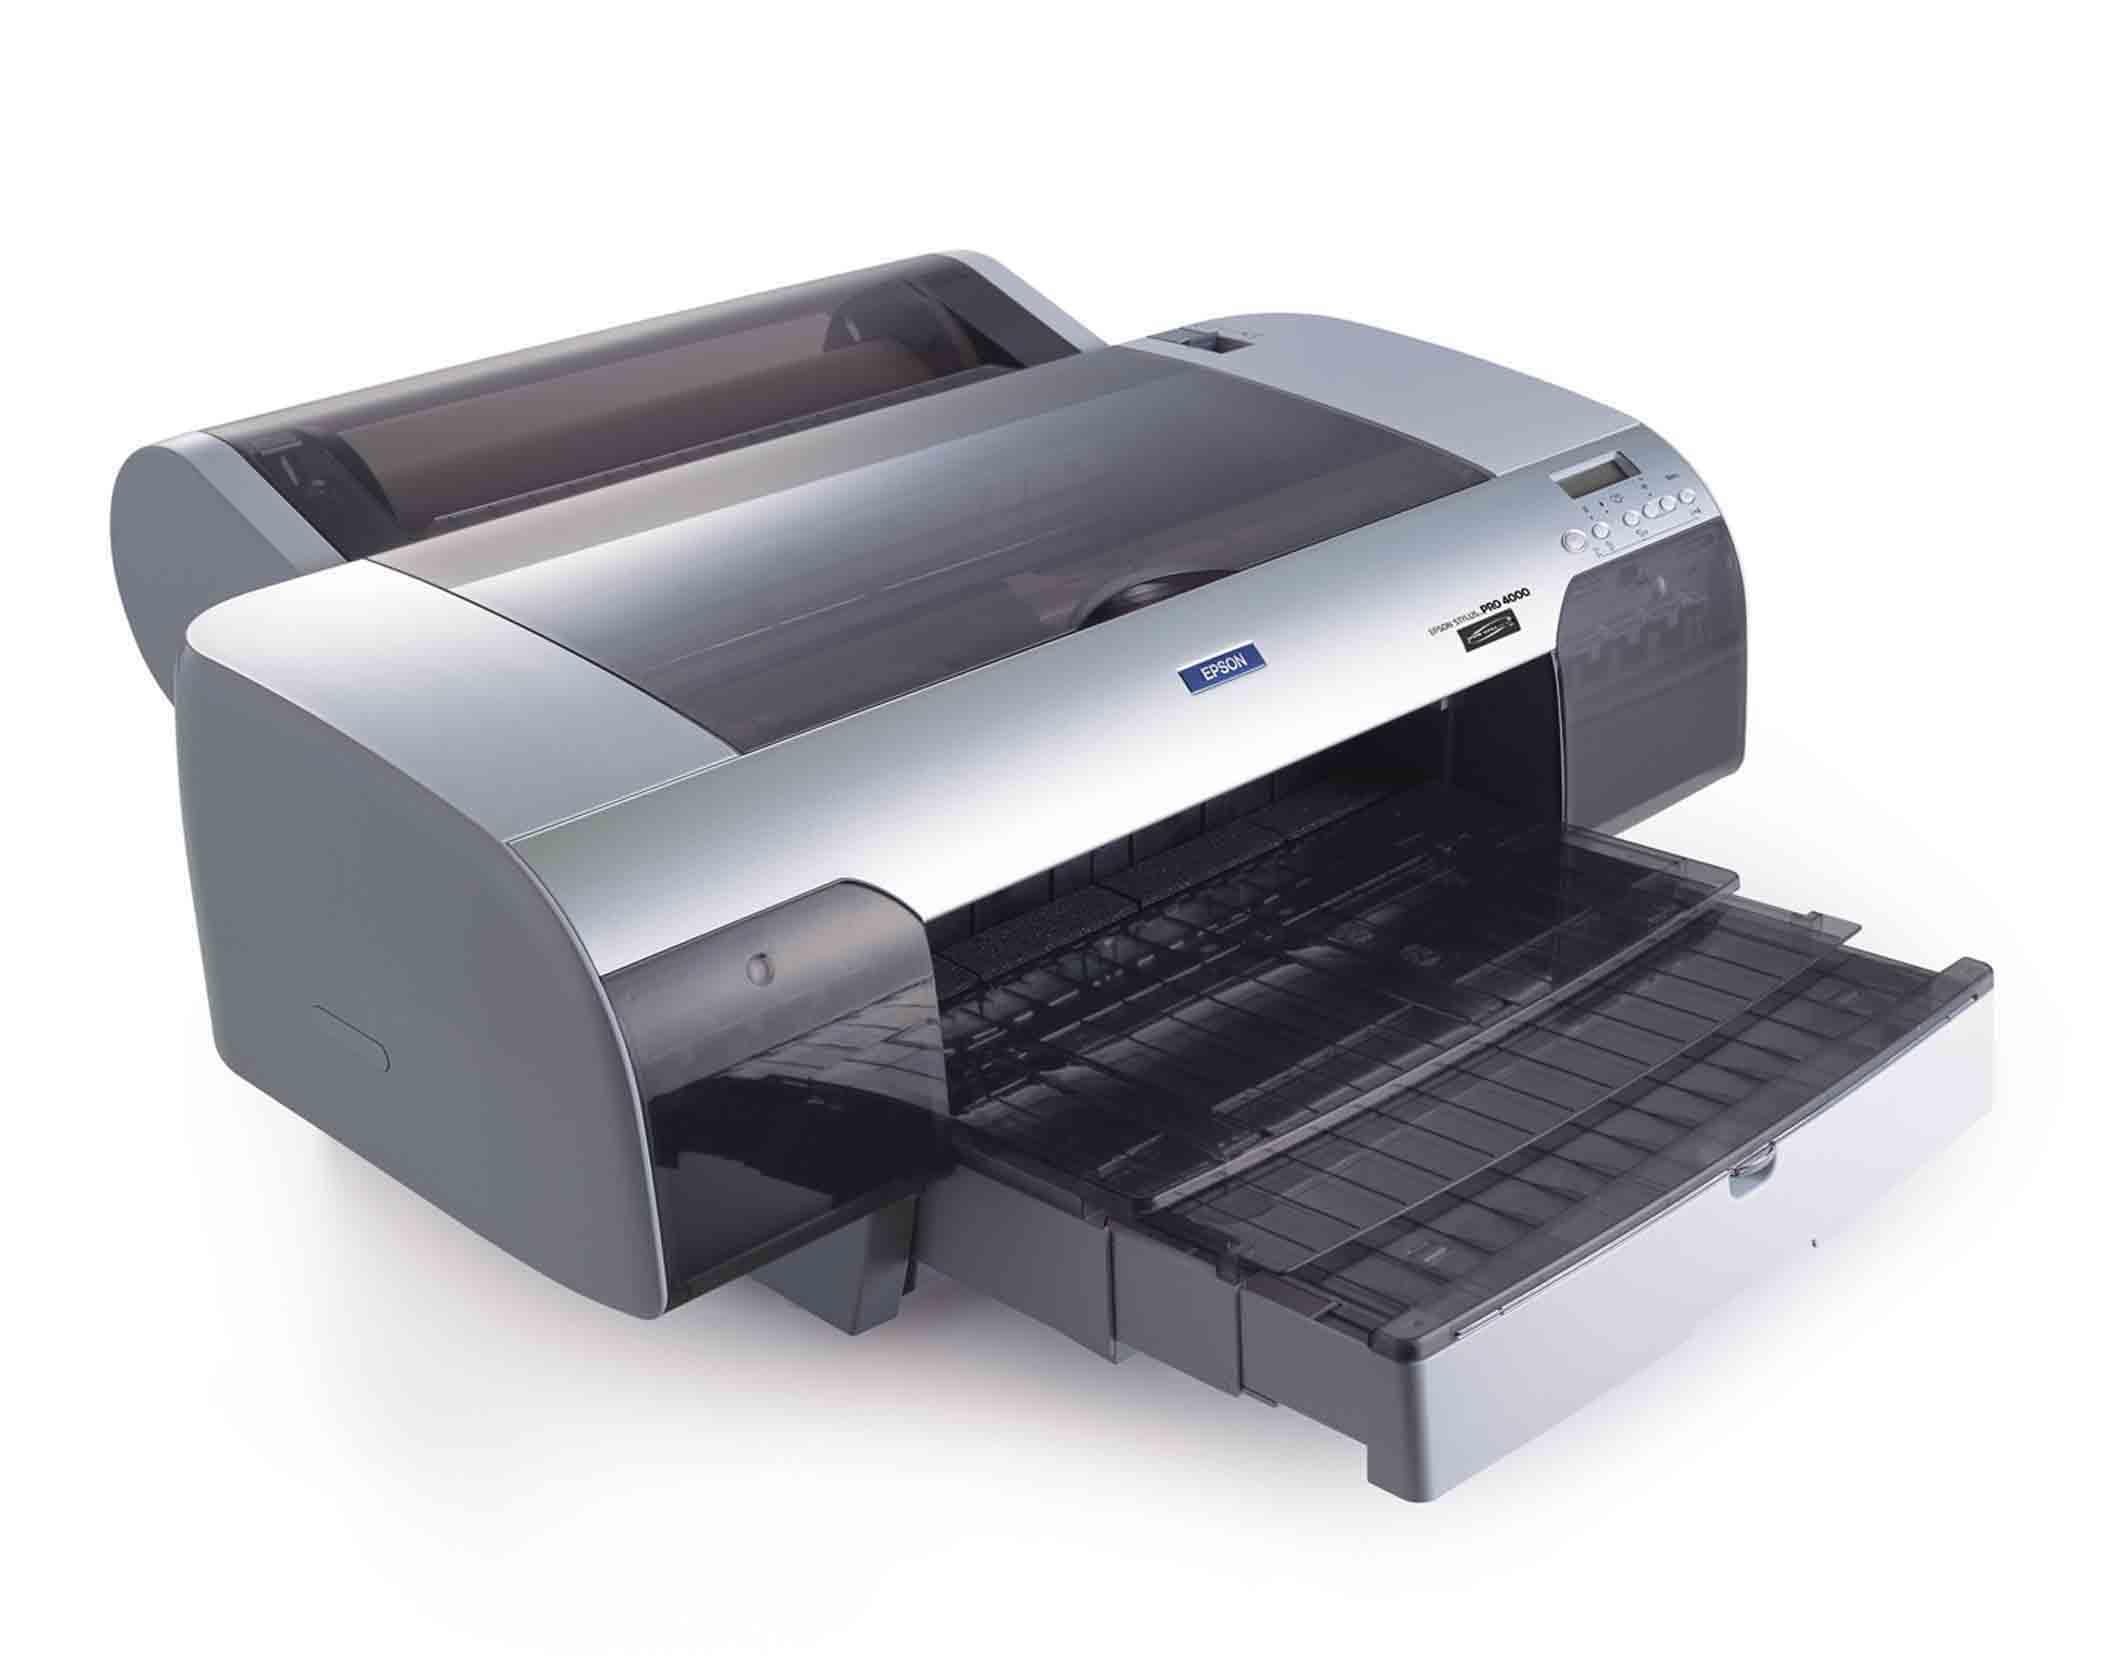 Epson 4000 Printer